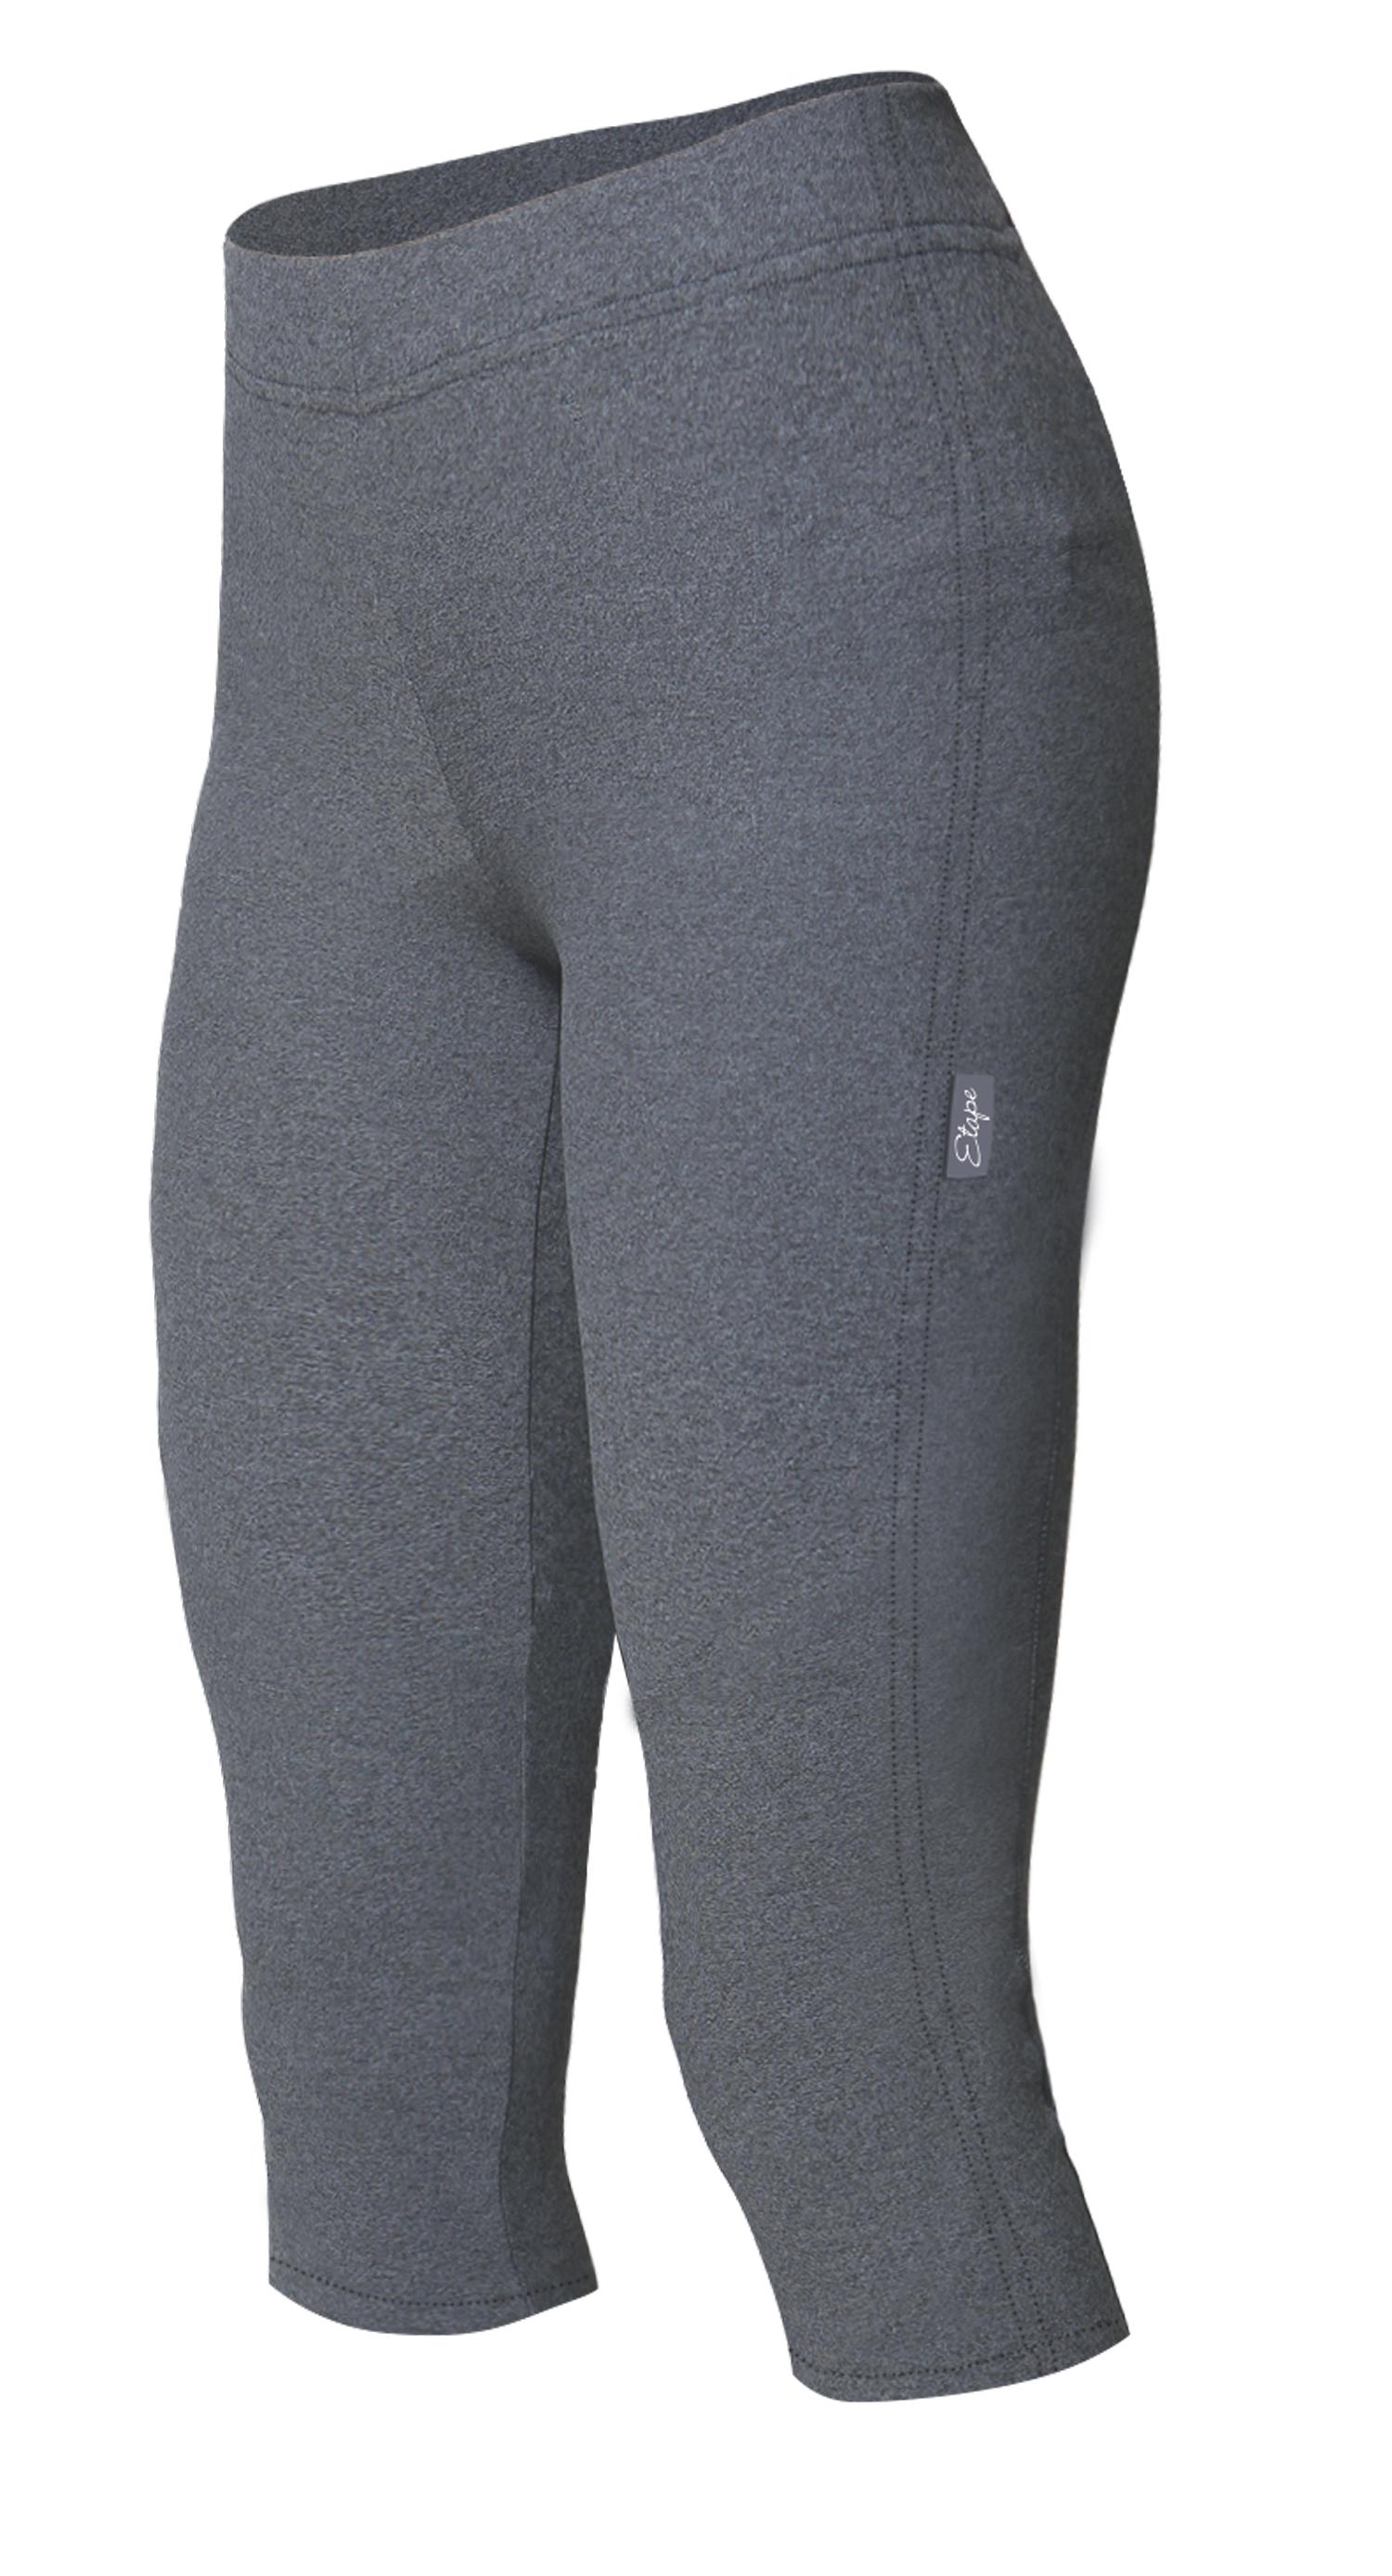 Dámské cyklistické kalhoty ETAPE Lady 3/4, vel. XL, šedá, s vložkou, model 2017 (Dámské cyklistické kalhoty Etape, s dámskou elastickou vložkou )